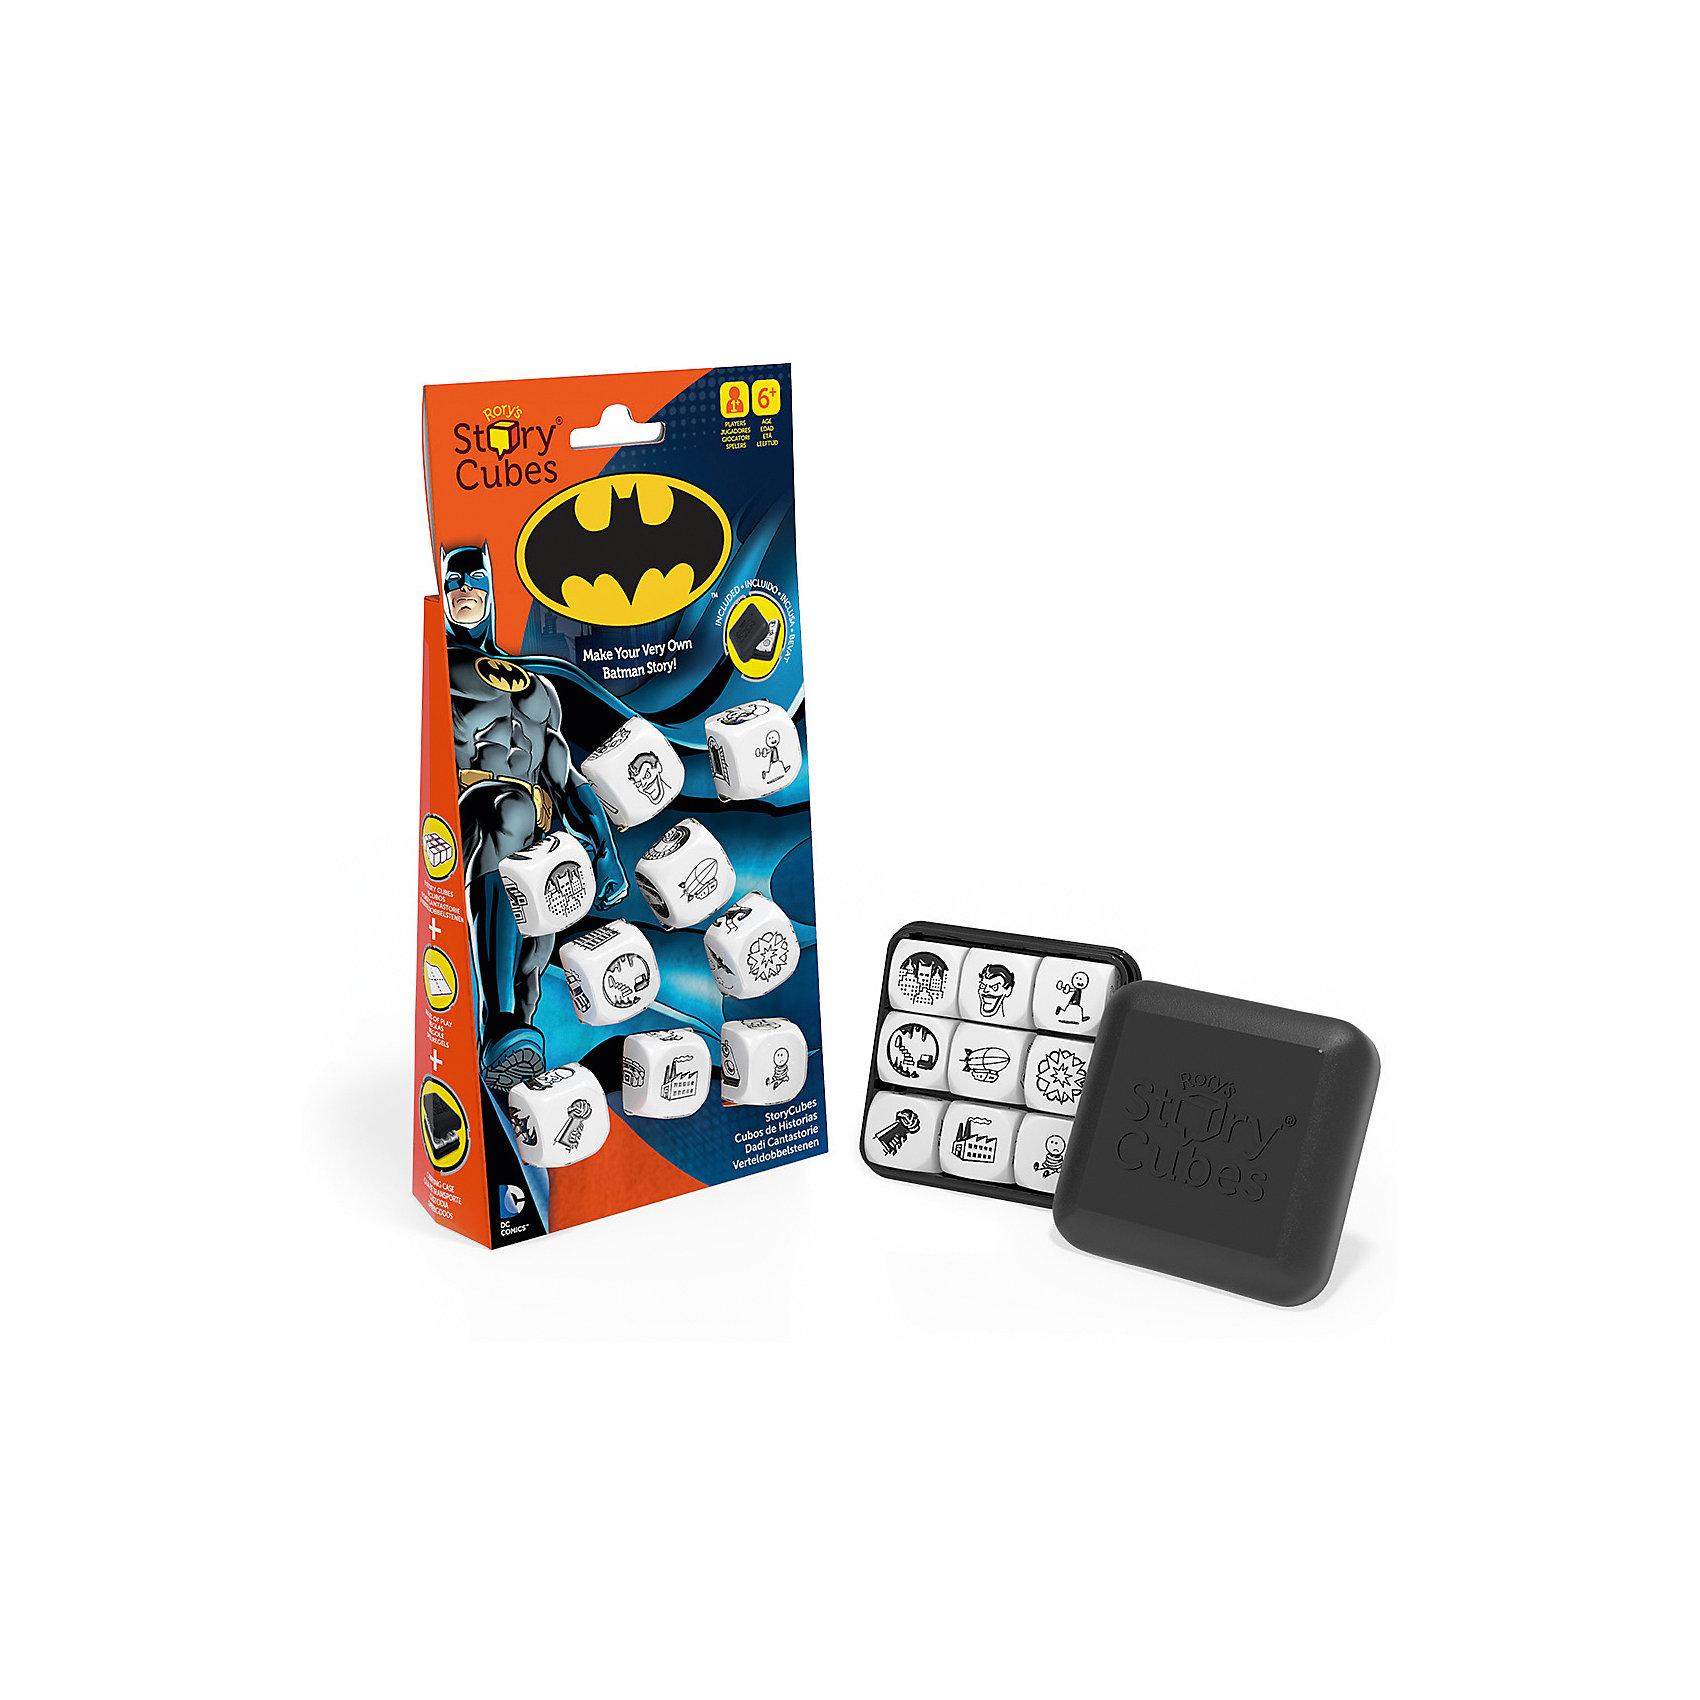 Кубики Историй Бэтмен, Rorys Story CubesКубики Историй Бэтмен, Rorys Story Cubes.<br><br>Характеристики:<br><br>- В наборе: 9 кубиков, пластиковая коробочка для хранения (6х6х2см), инструкция<br>- Цвет изображений на кубиках: черный<br>- Материал: пластмасса<br>- Лицензия DC Comics и Warner Bros. Entertainment Inc<br>- Награда PAL Award 2015, присуждаемая играм, которые способствуют развитию речи у детей<br><br>Кубики Историй Бэтмен, Rory's Story Cubes - это редкий тип игры, где между игроками нет конкуренции, здесь нет побежденных или победителей, ведь смысл игры в том, чтобы вместе или самостоятельно придумать и рассказать выдуманную историю о новом приключении Бэтмена, в которой он, безусловно, победит всех злодеев! На кубиках расположено 54 изображения персонажей, локаций, предметов, действий. Это огромное количество возможных комбинаций и вариантов историй. Здесь друзья и враги Бэтмена, его оружие и транспорт, знакомые пейзажи Готэма – все, что пригодится вам для составления истории о супергерое. Для удобства в инструкции дана расшифровка всех картинок. Бросайте кубики. Задача игрока – связать 9 выпавших картинок единым сюжетом. Начитать историю можно со слова «однажды» или одной из фраз, предложенных в правилах. «На темных улицах Готэма…» – согласитесь, звучит таинственно и располагает к сочинению волнующего рассказа! Играйте большой компанией. Каждый игрок бросает по три кубика и сочиняет свою часть истории. Четких правил игры нет, надо только проявлять свою фантазию и превращать картинки в подробный рассказ. Игра подходит и для одного игрока. Составленные истории можно записать или даже нарисовать по ним настоящий комикс! Коробочка для хранения очень удобная и компактная, так что взять игру с собой в сумку или даже в карман - не проблема! Сочинение историй стимулирует фантазию и отлично развивает речь. Ваш ребенок научится связному и логичному построению рассказа. Со временем он сможет составлять истории все быстрее и избавится от неловких пауз и слов-парази